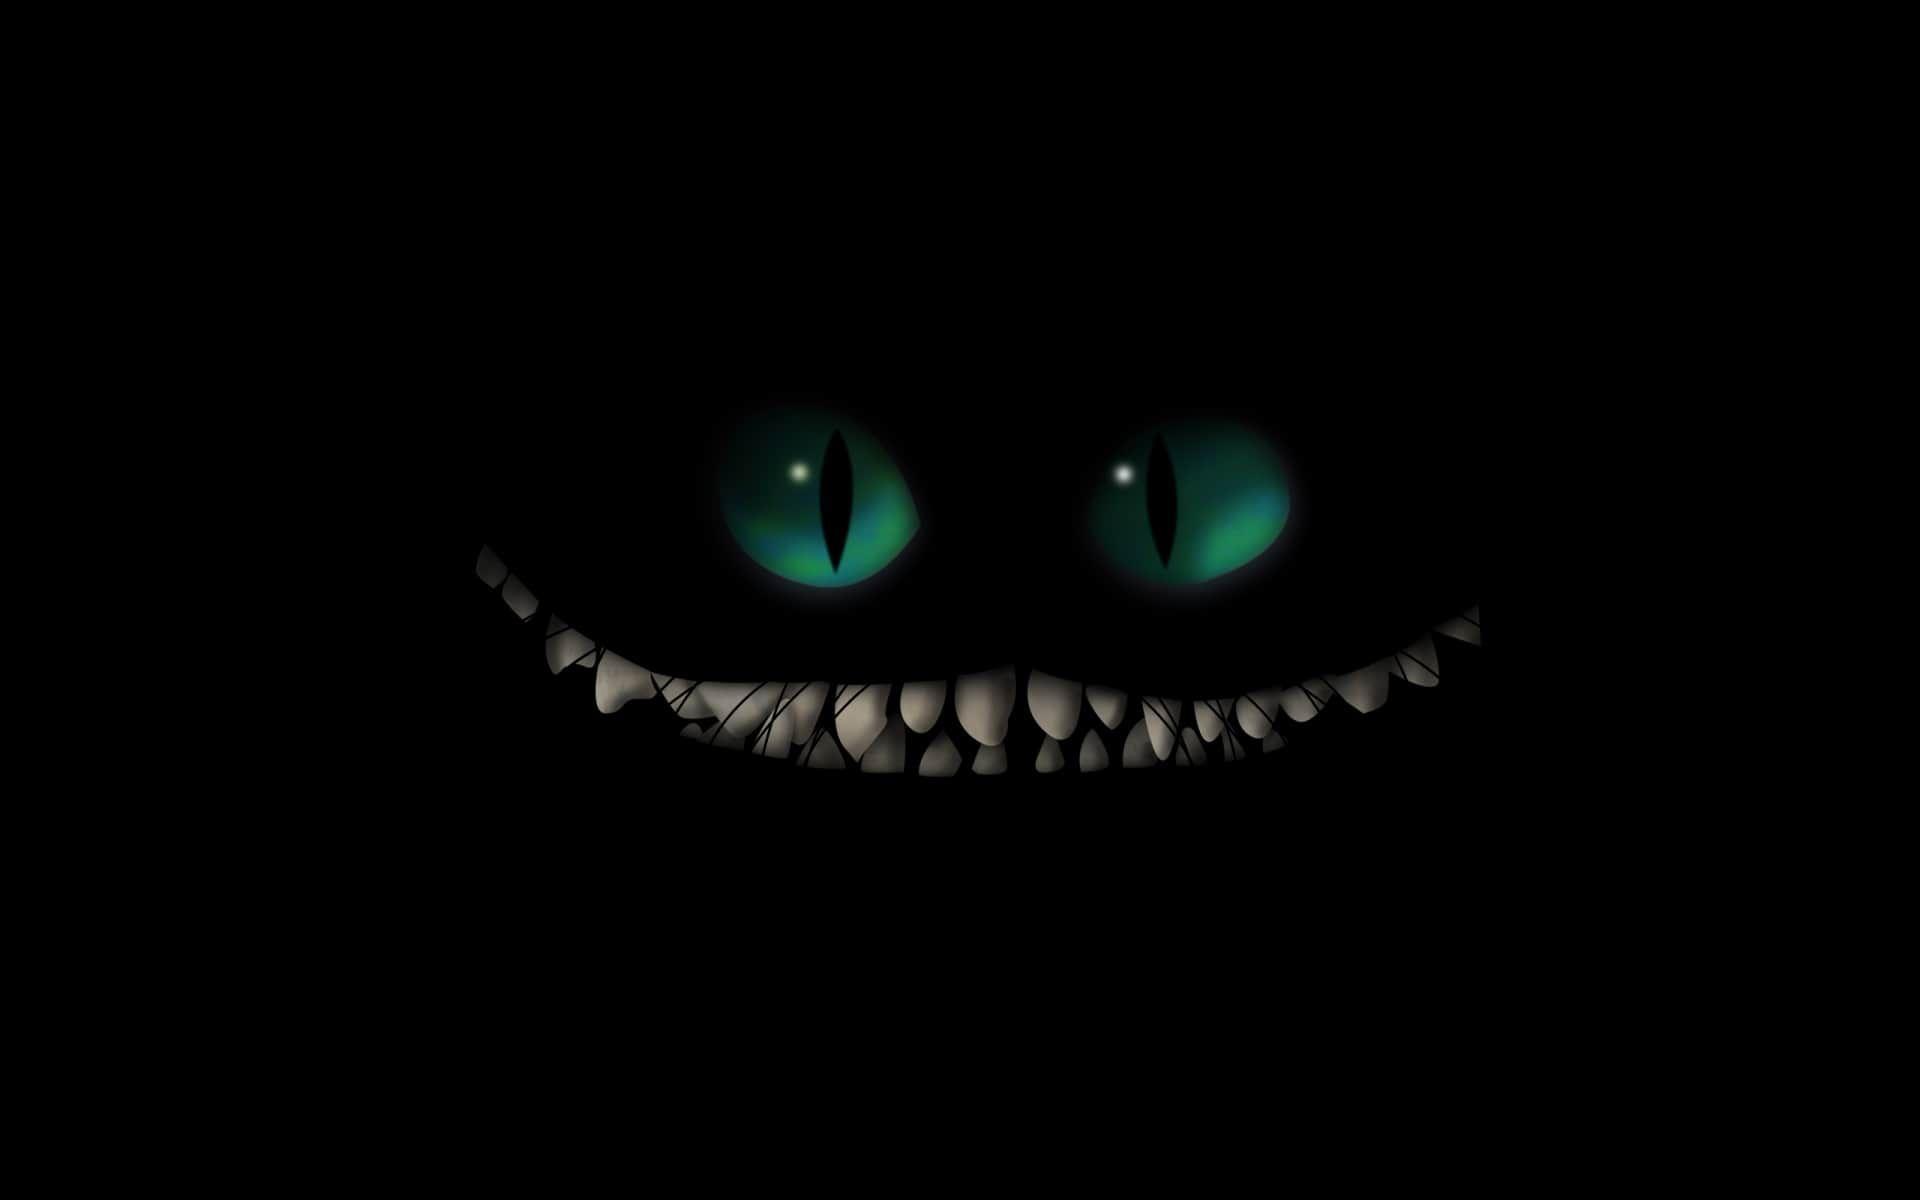 Desktophdwallpaper Org Cheshire Cat Wallpaper Scary Wallpaper Cheshire Cat Smile